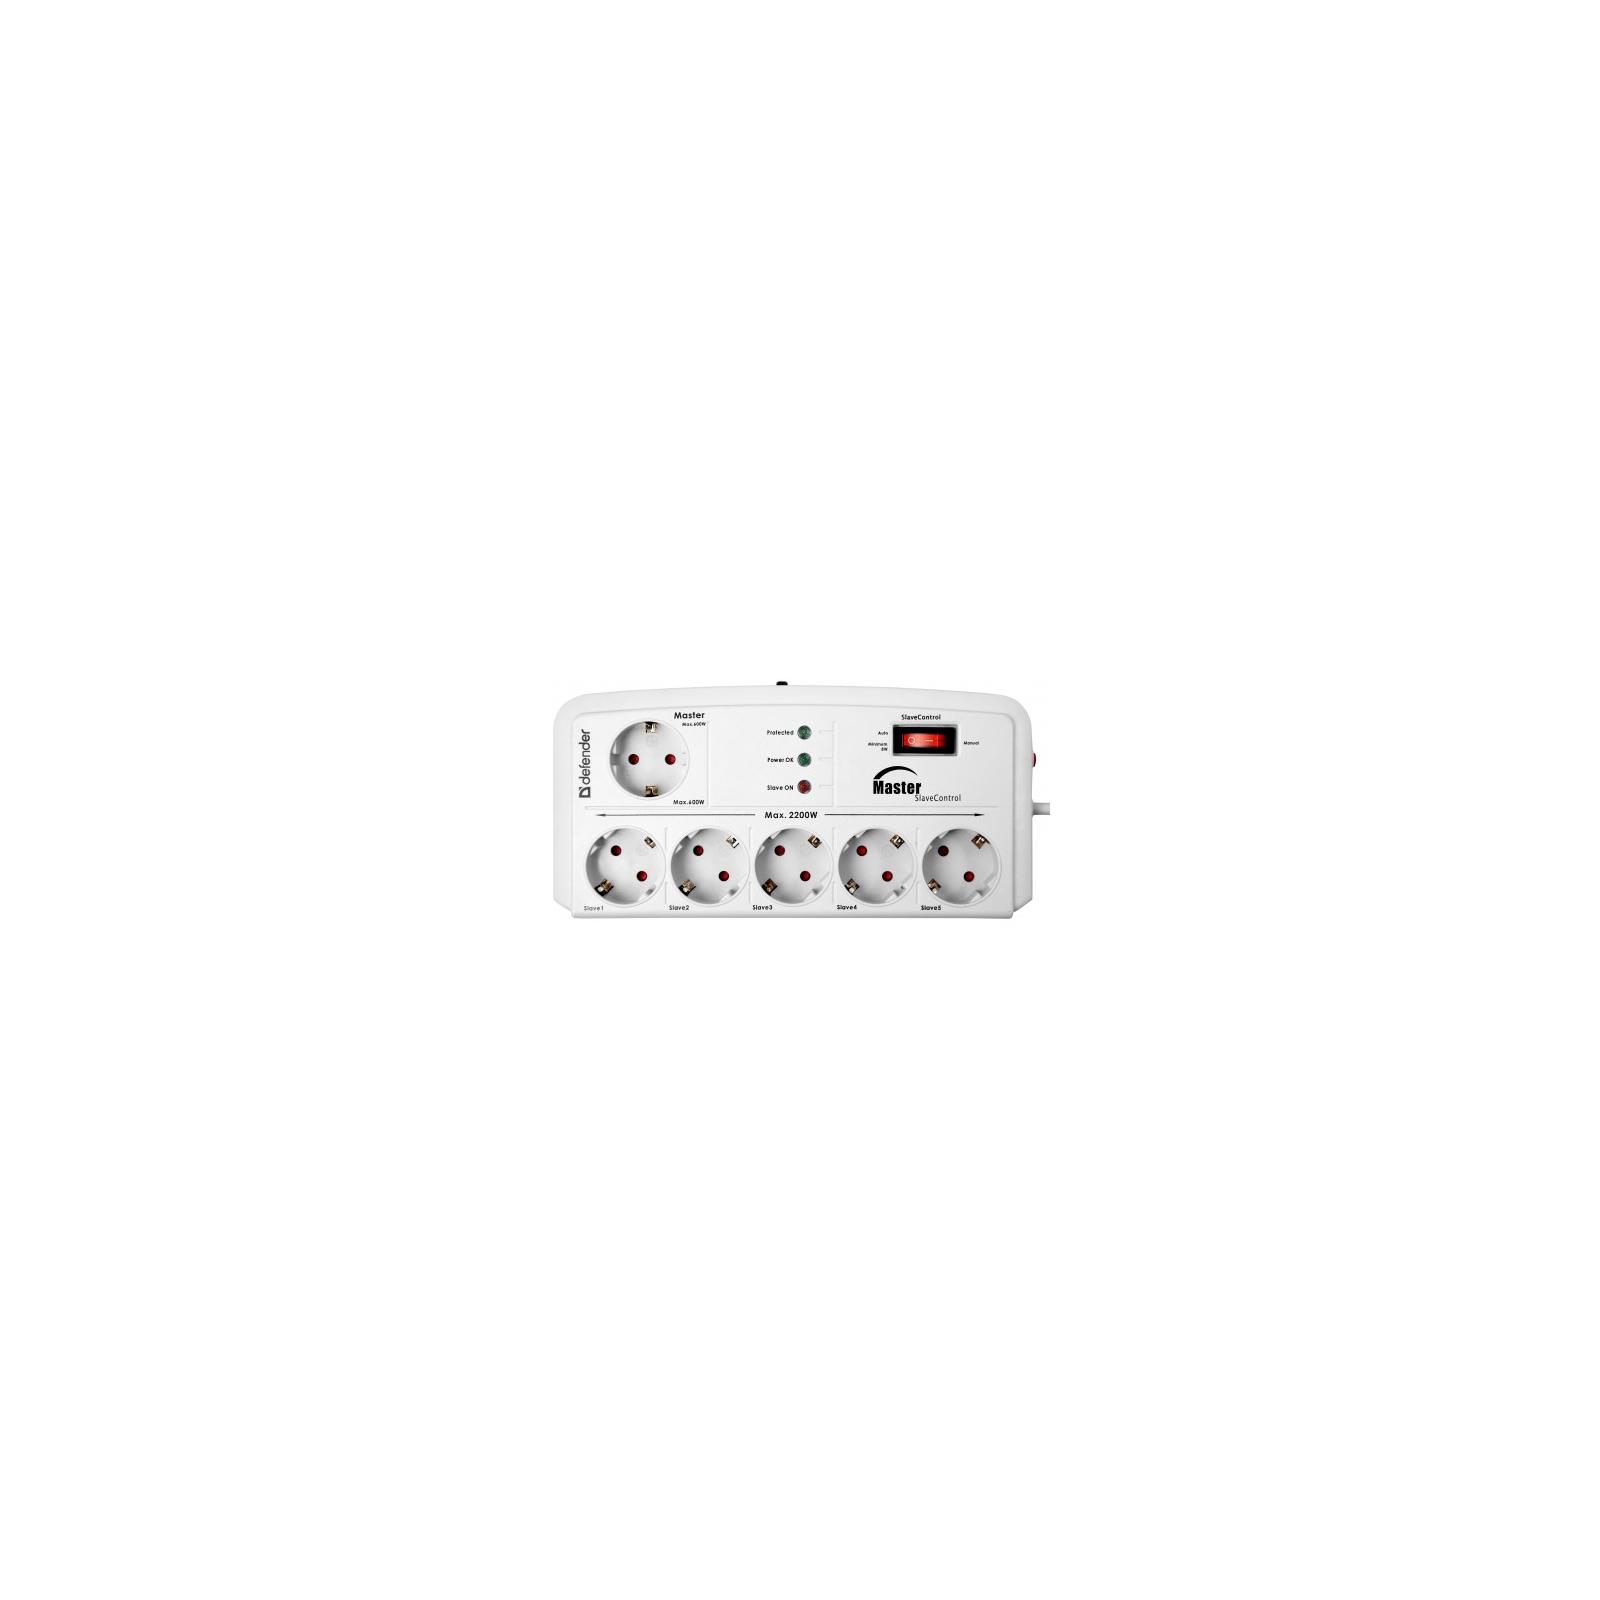 Сетевой фильтр питания Defender DEFENDER DFS 805 5m 6 роз. Master Slave (99453)